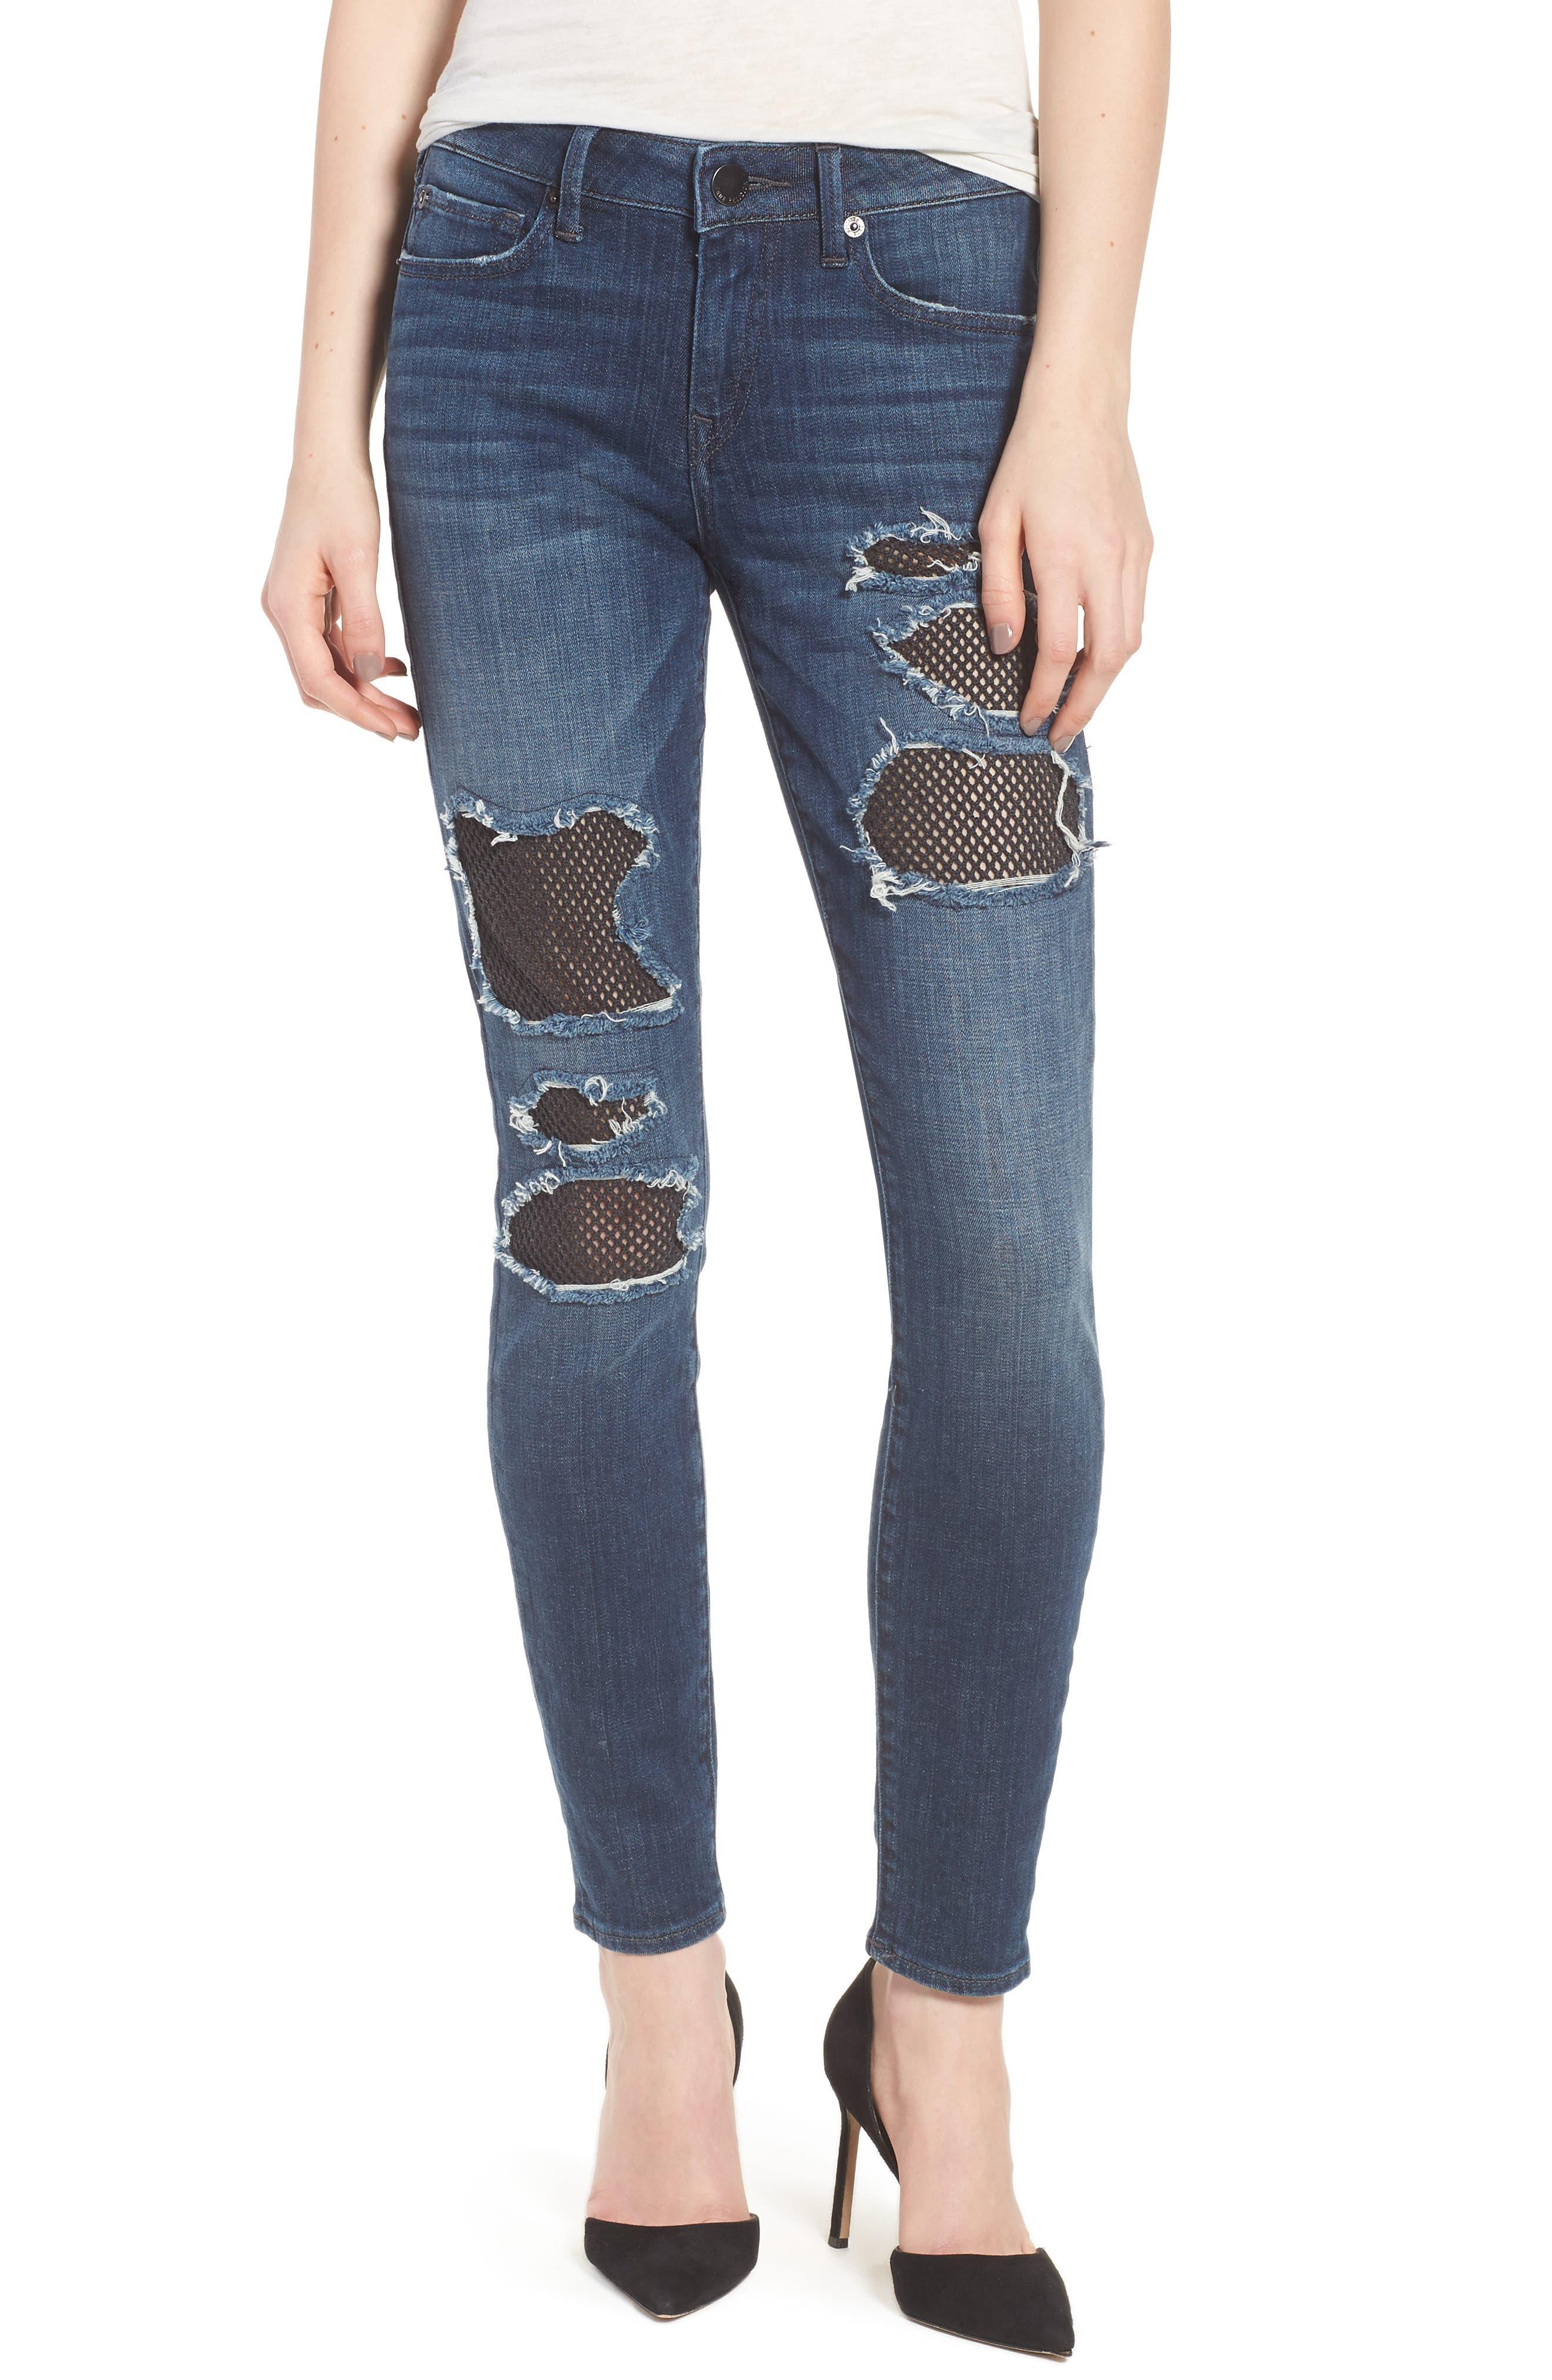 Main Image - True Religion Brand Jeans Halle Fishnet Skinny Jeans (Cobalt Crush)